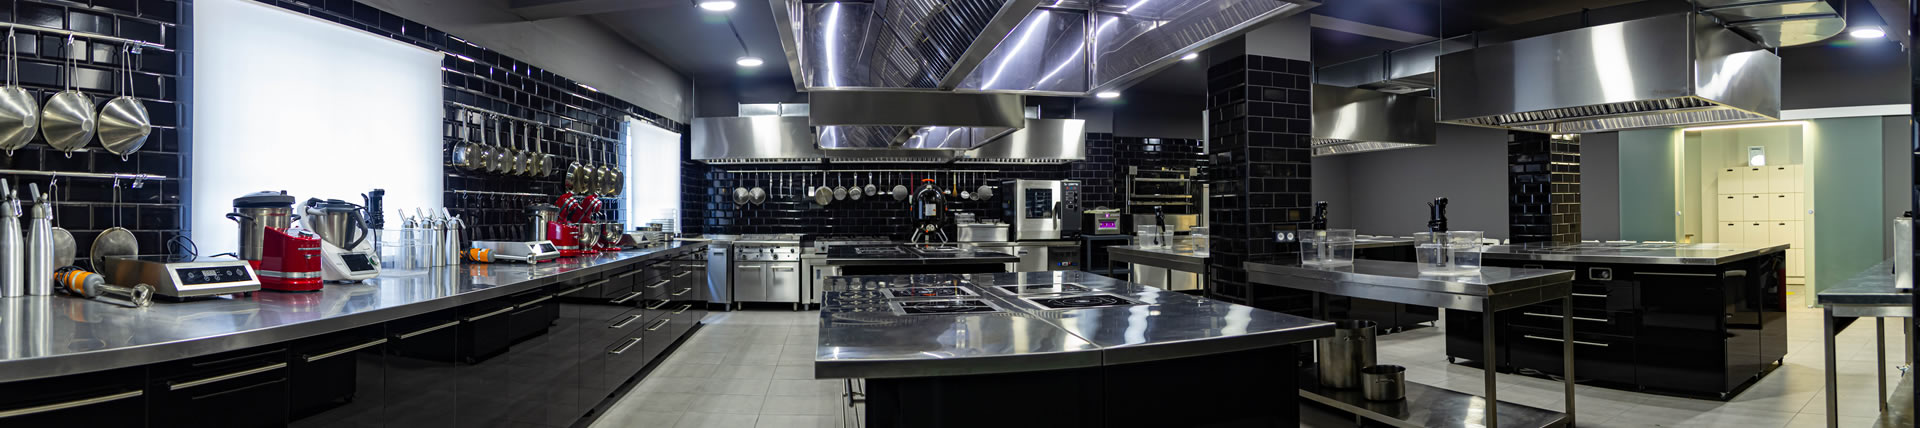 Ταχύρυθμα Σεμινάρια Μαγειρικής Τέχνης Σεμινάρια μαγειρικής Αλέρτας Διονύσης